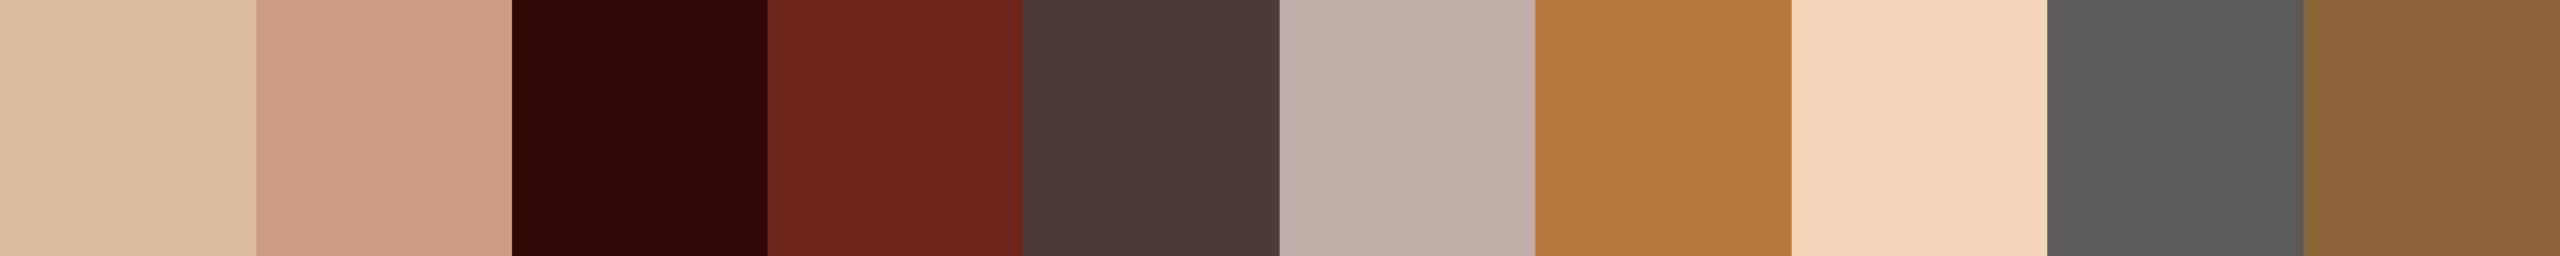 683 Kentrima Color Palette